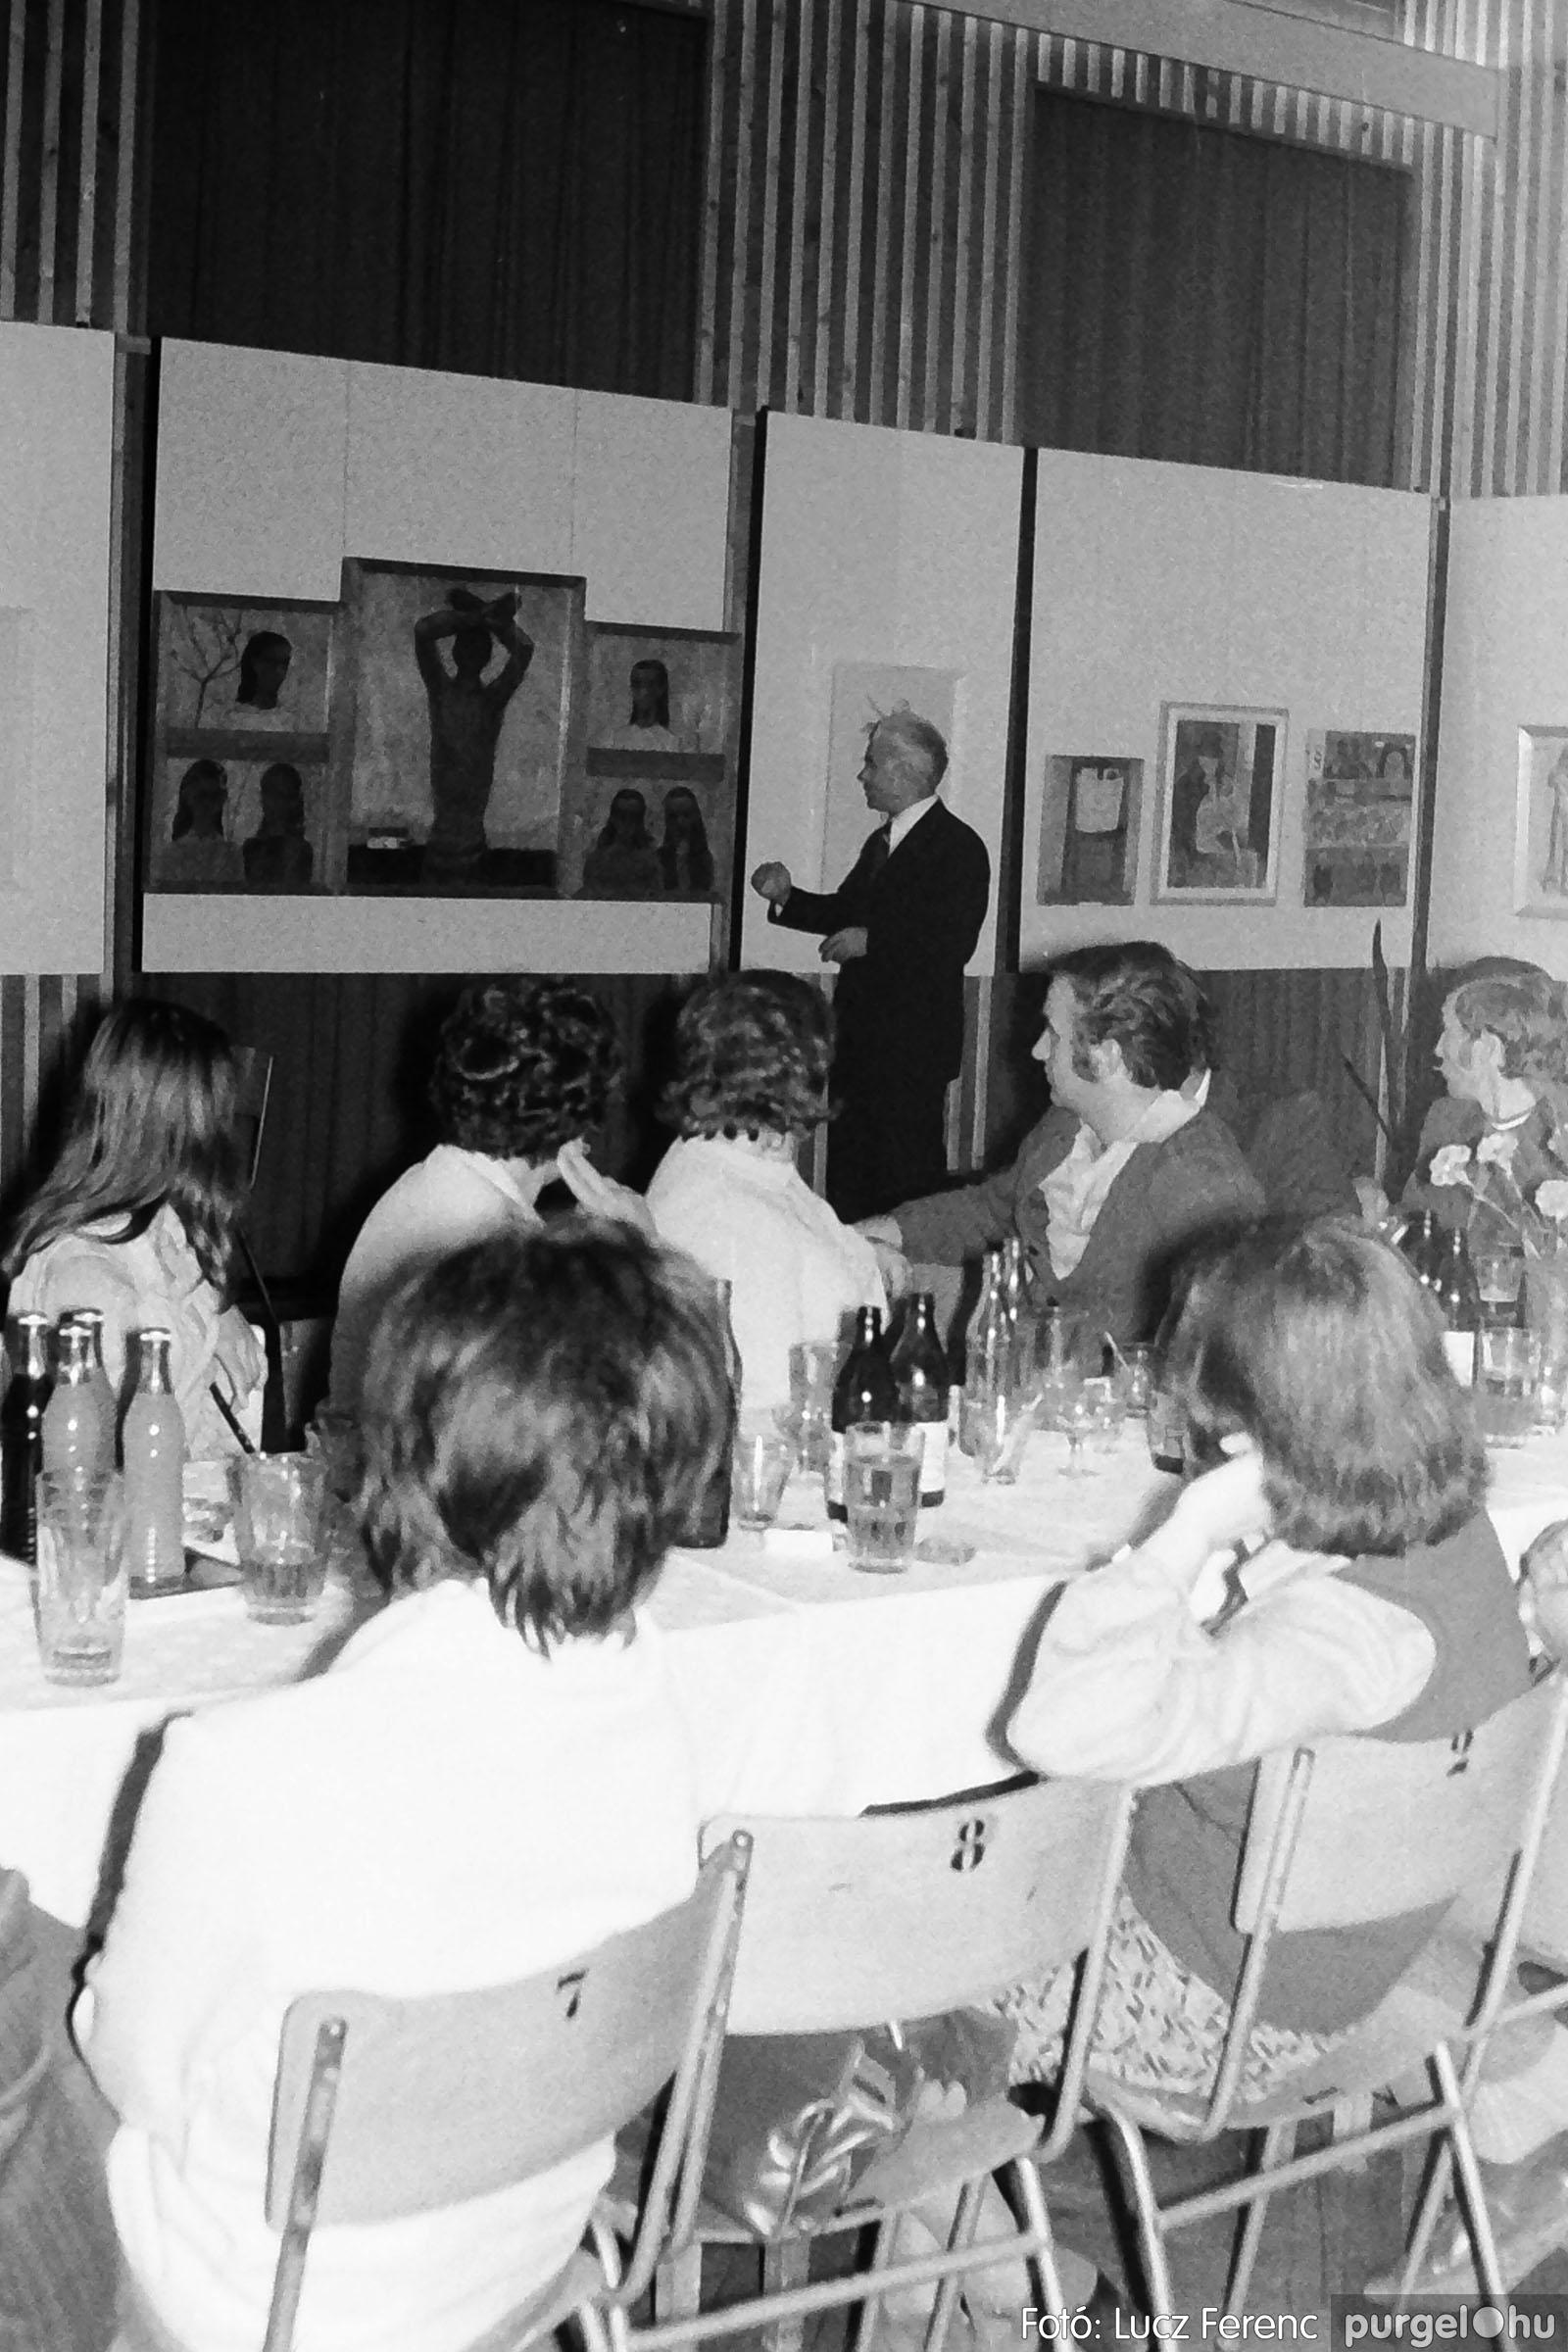 024 1975.10. Németh József és Szalay Ferenc festőművészek kiállítása 008 - Fotó: Lucz Ferenc IMG00208q.jpg